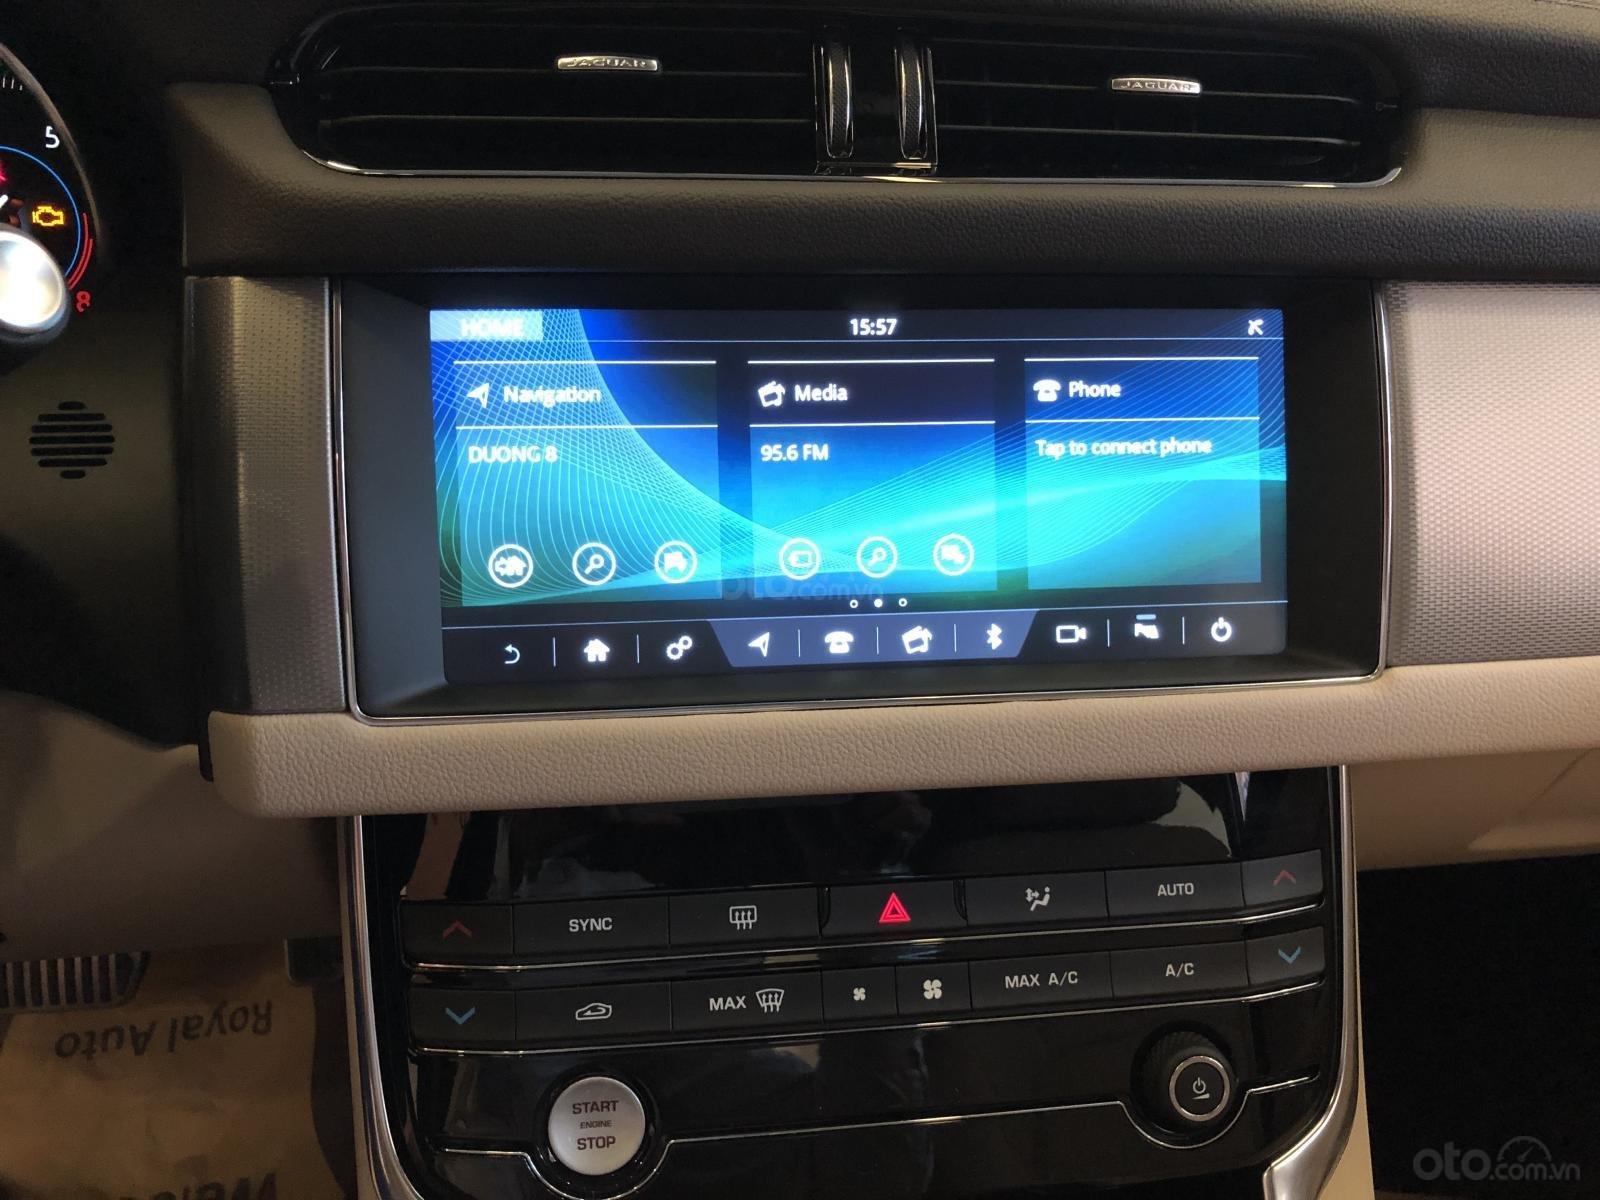 Bán xe Jaguar XF Prestige nhập mới giá tốt, giá xe Jaguar XF 2020 mới, đại lý Jaguar LandRover chính hãng (7)